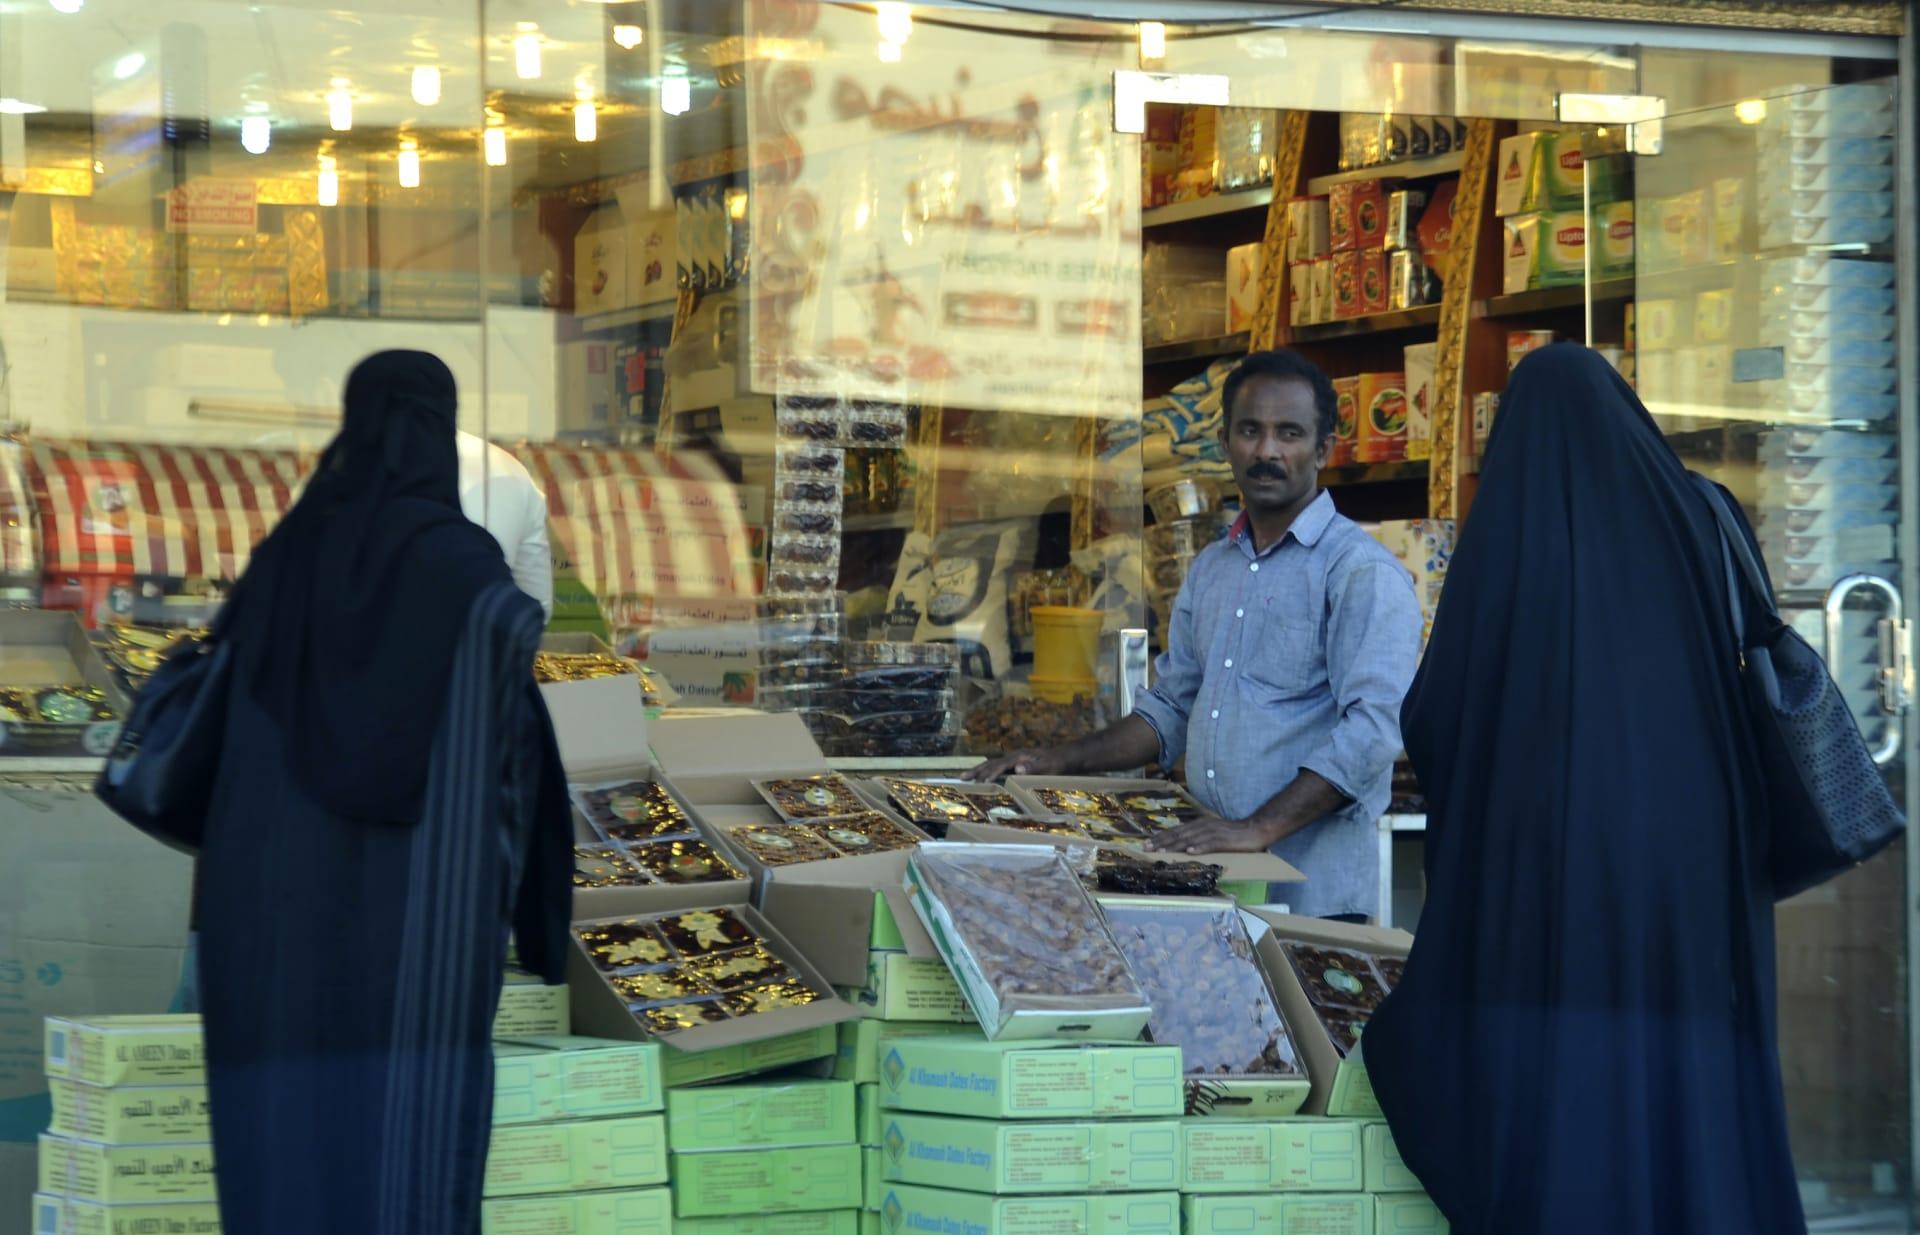 تباطؤ الاقتصاد في السعودية يخفض أسعار المستهلكين لأول مرة منذ سنوات